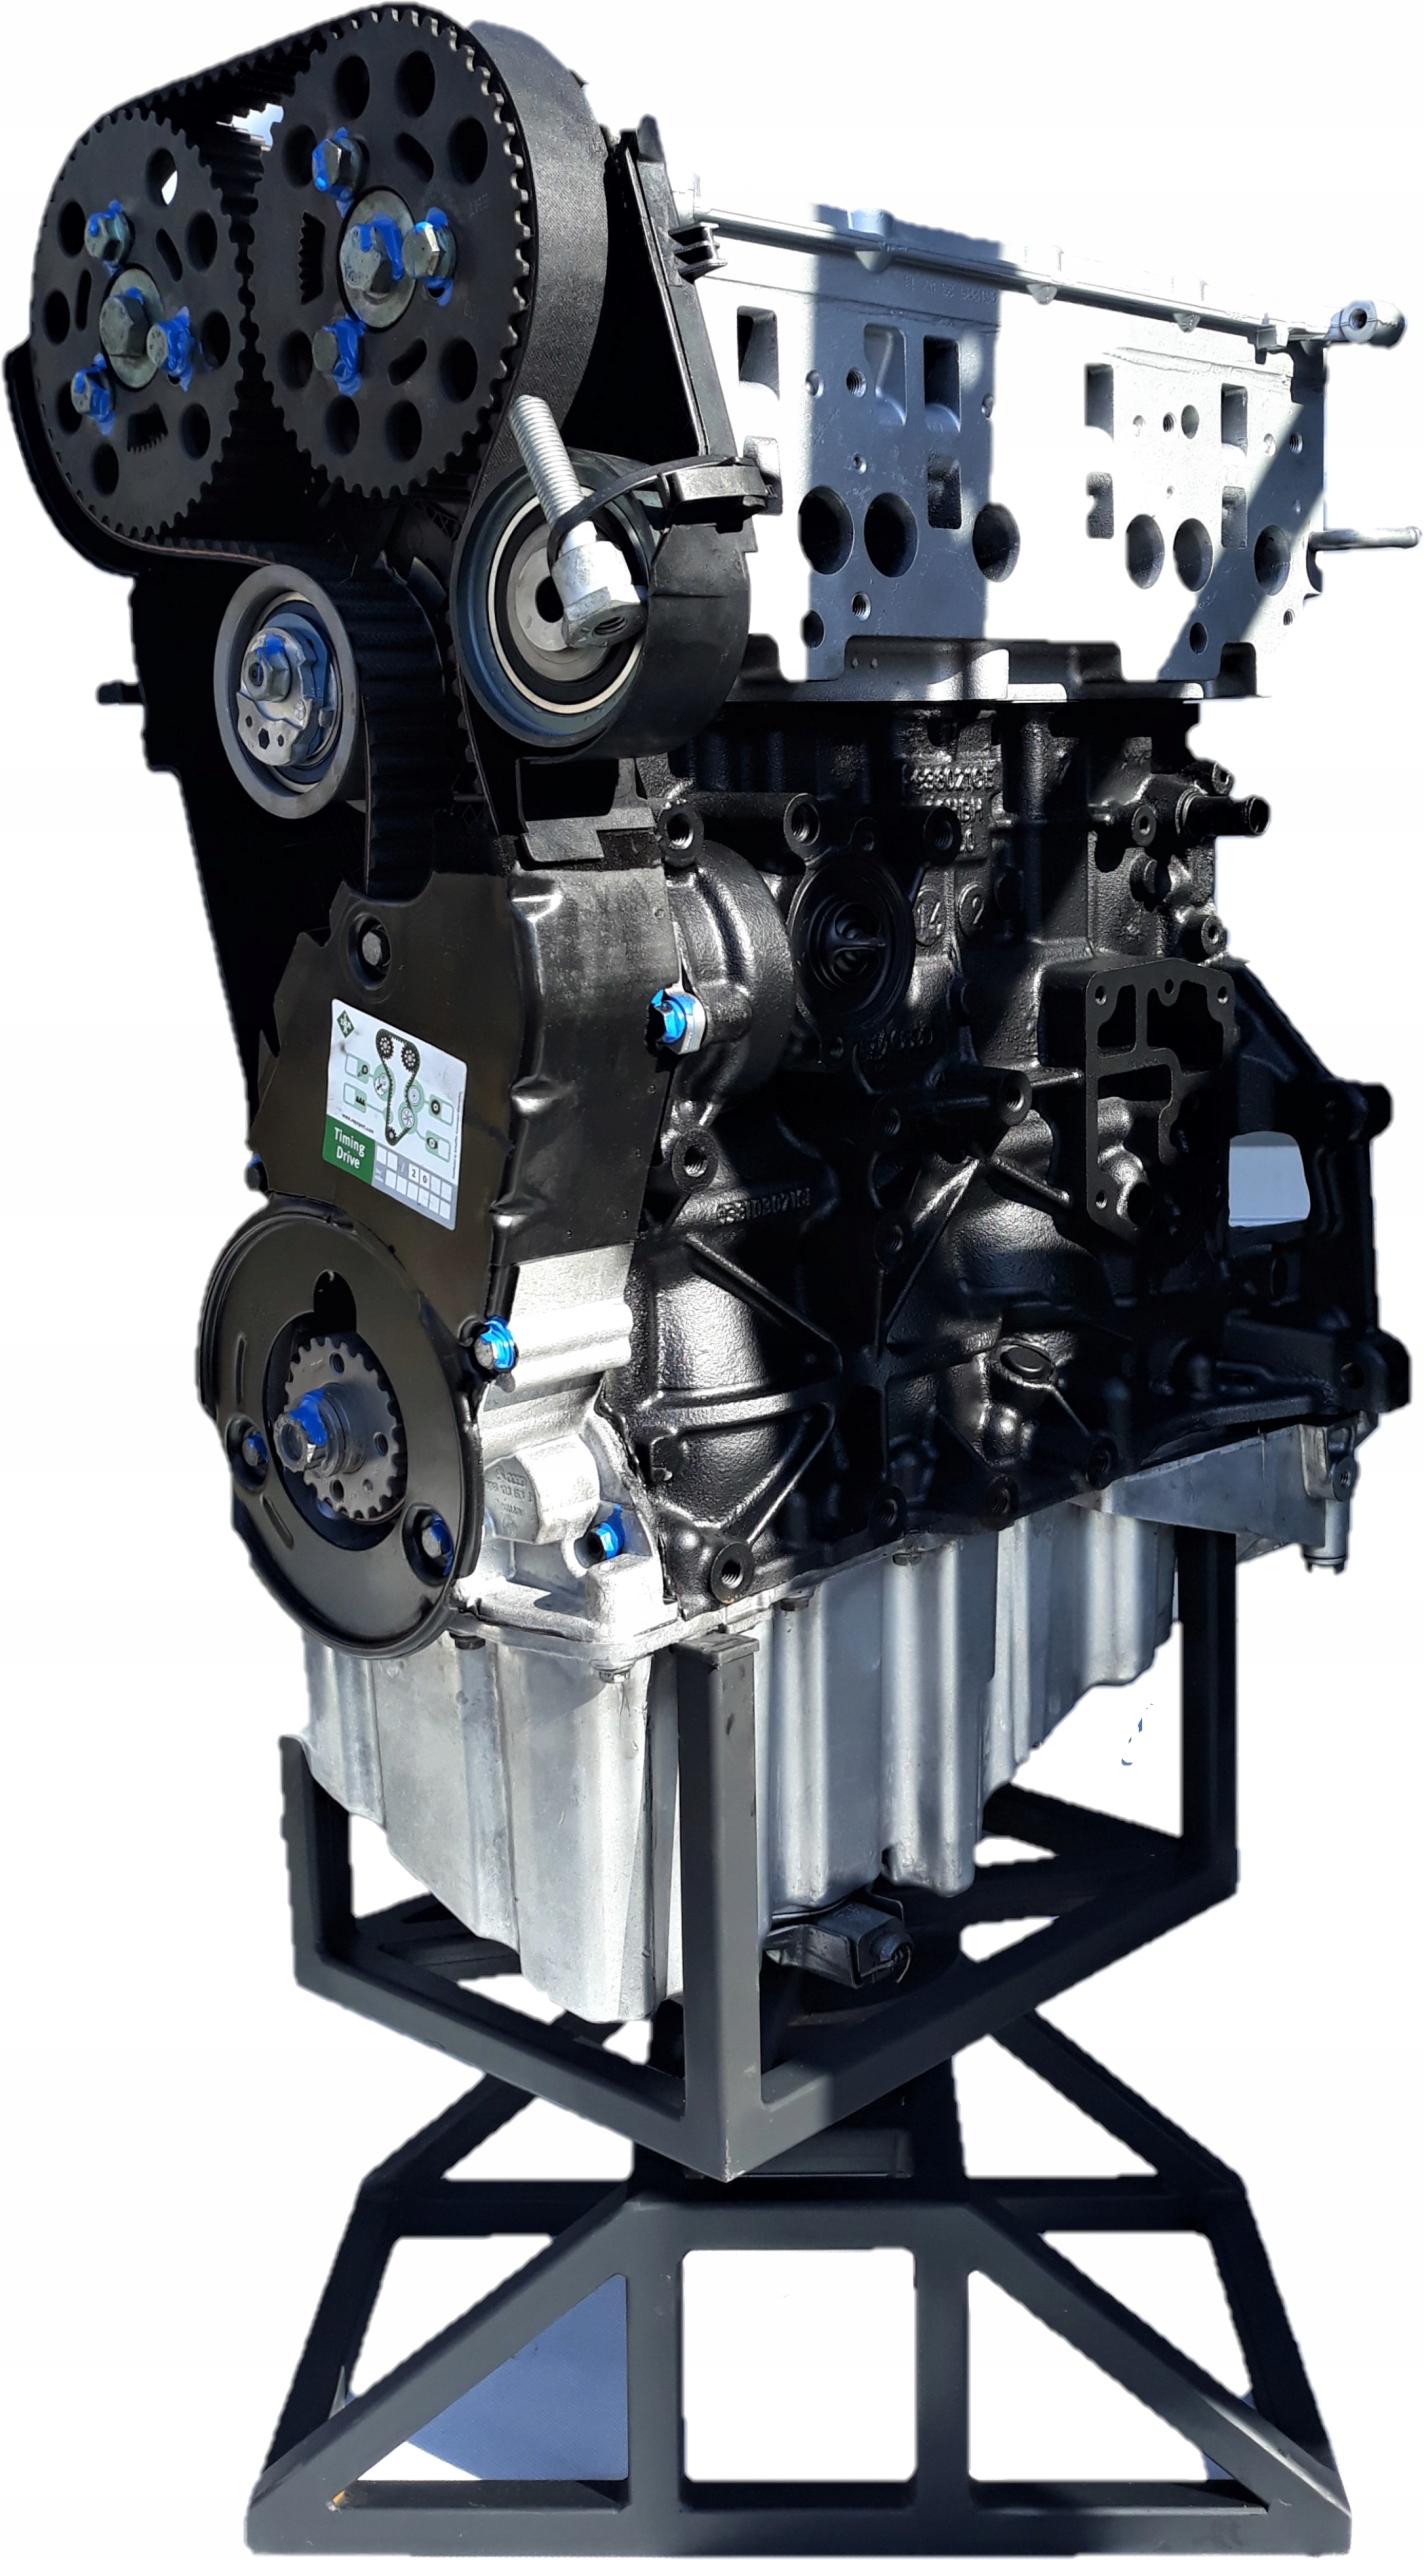 двигатель blb bre brd bna 20 16v 170km макс.